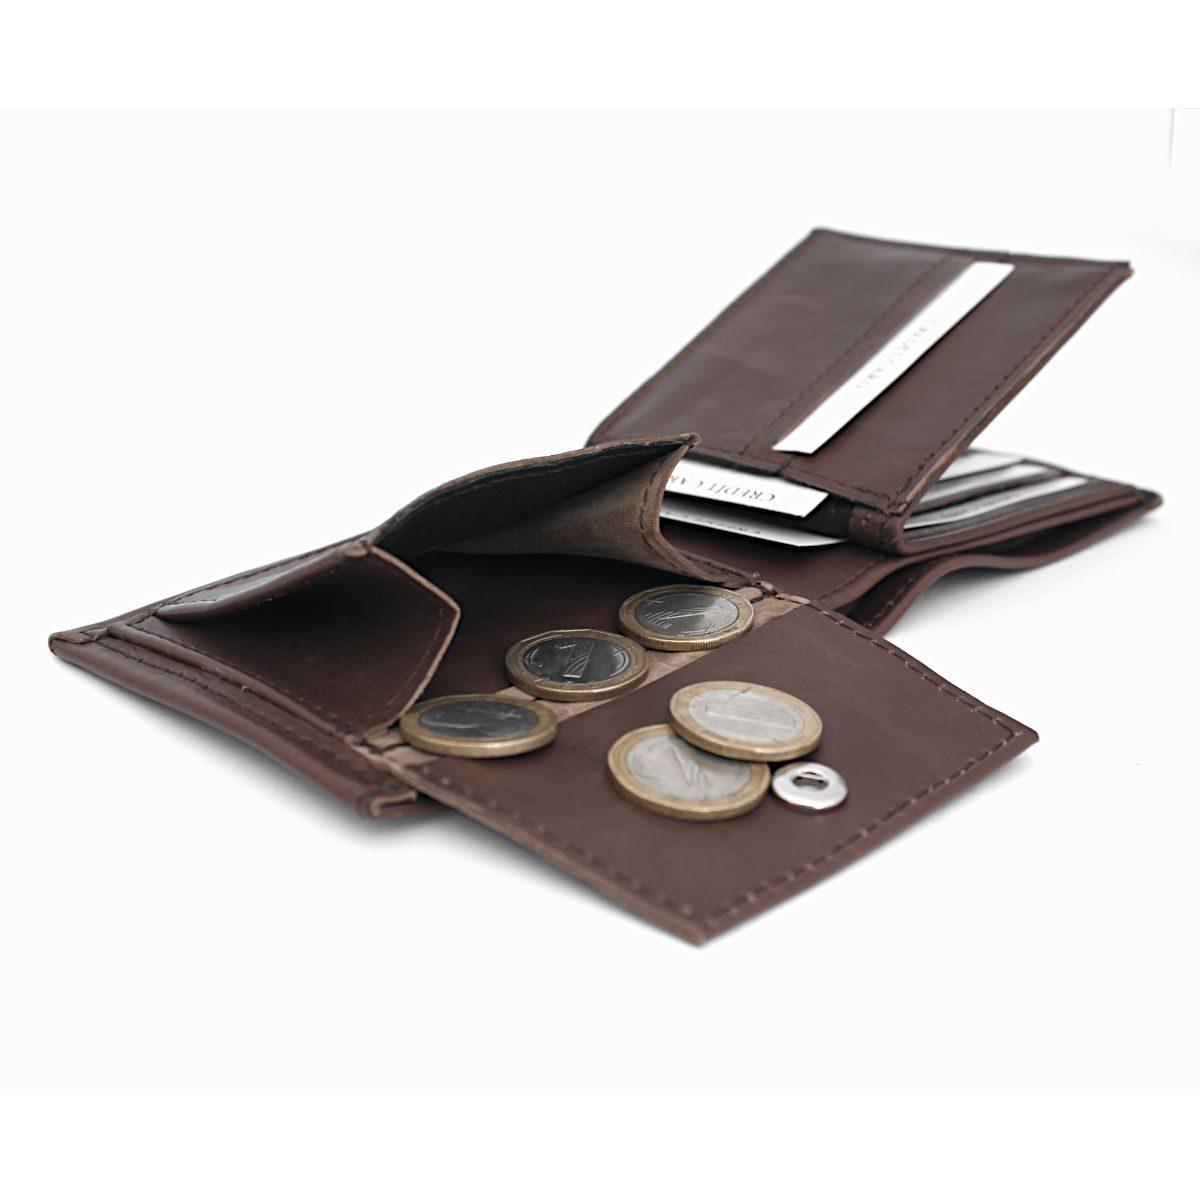 Ръчно изработен кафяв кожен мъжки портфейл монетник